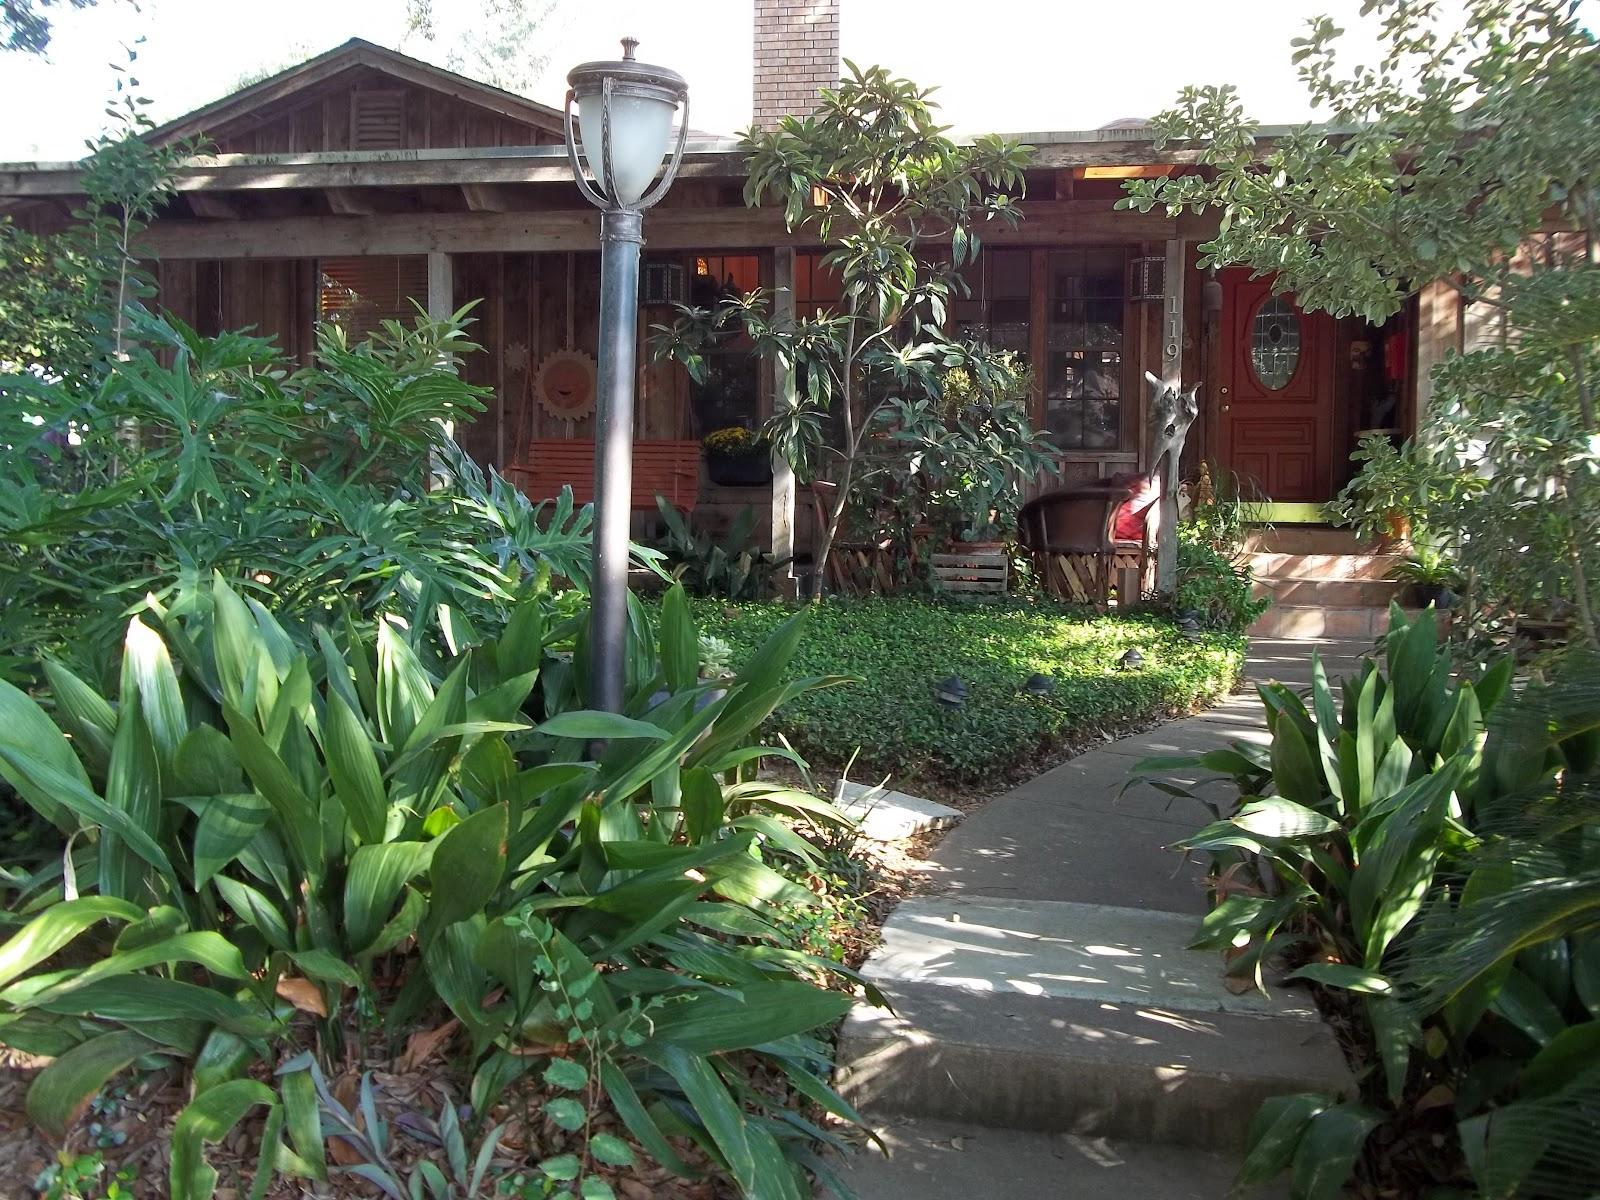 Garden Tour San Antonio Style Texas Eclectic